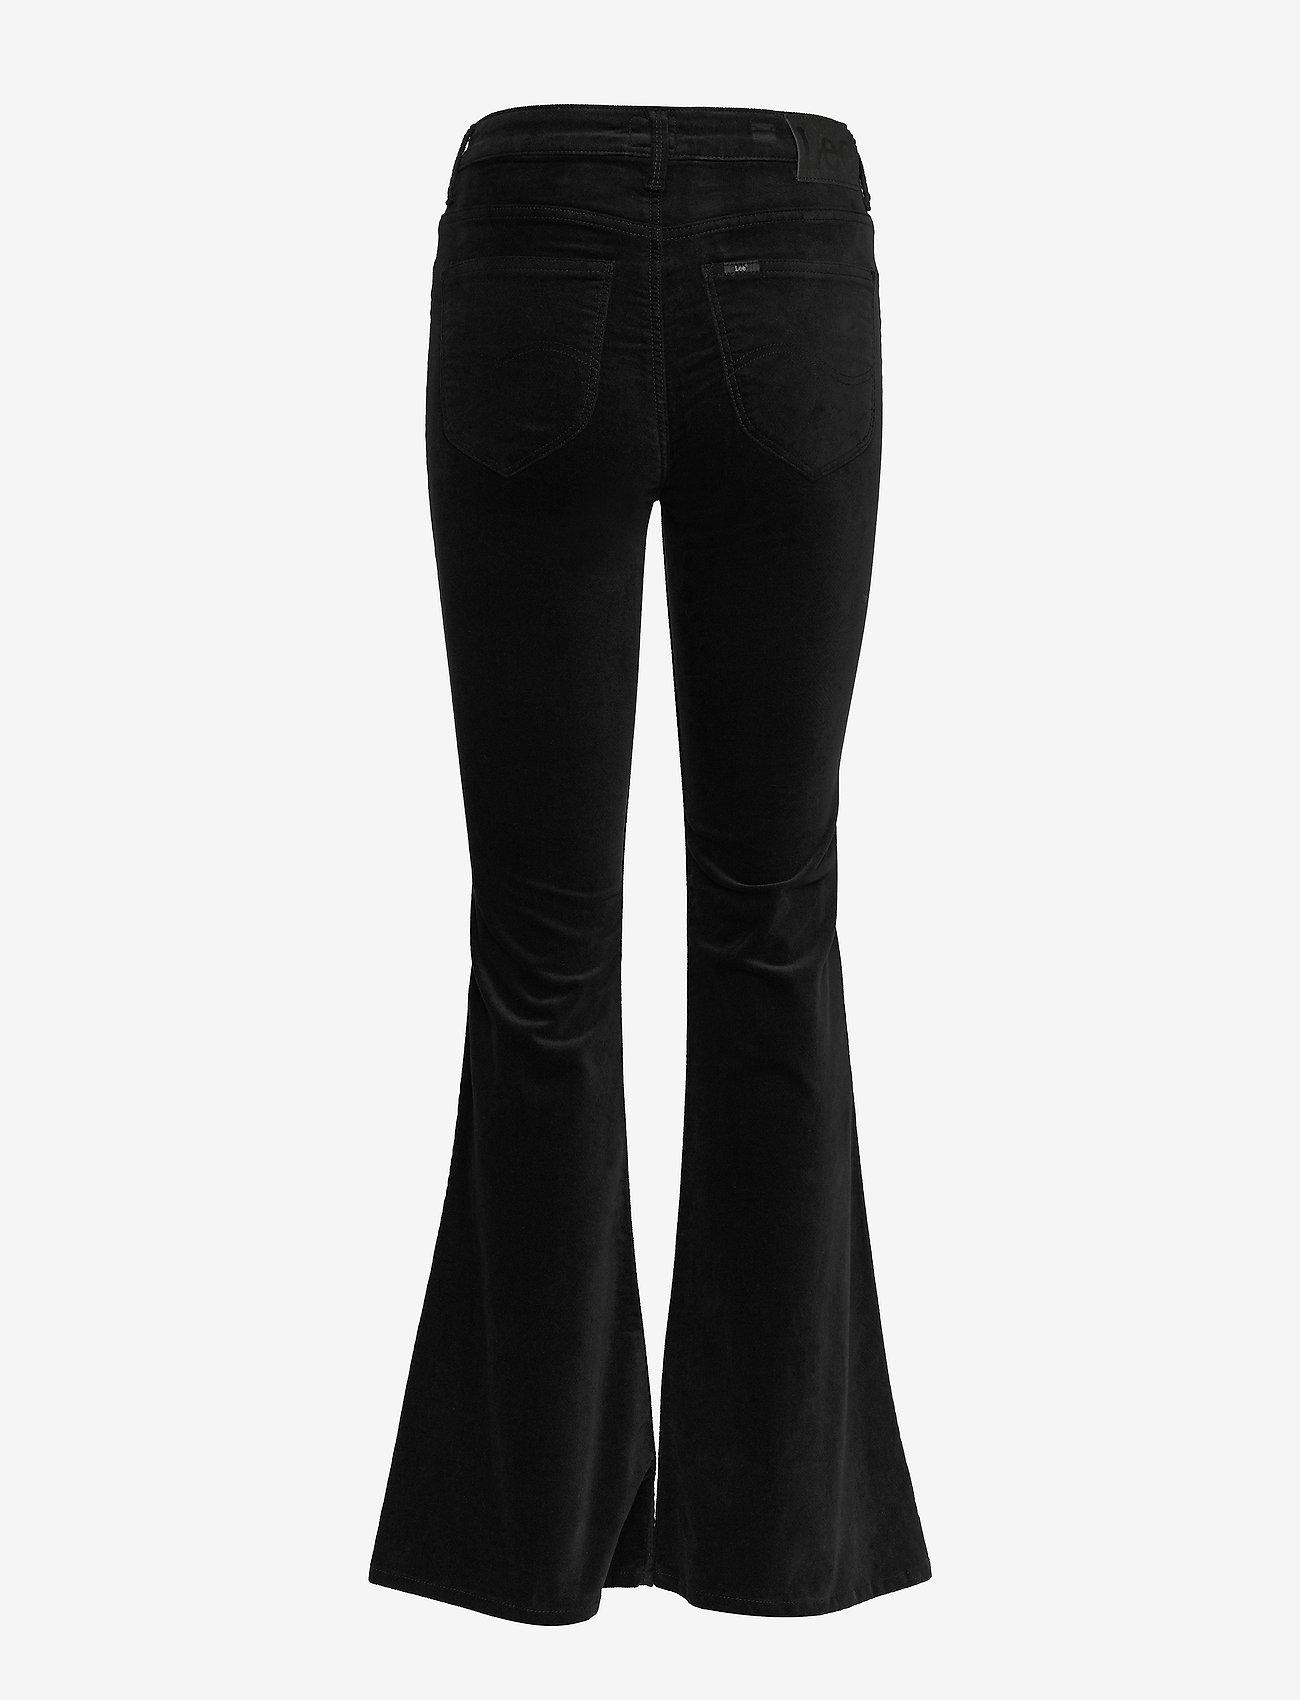 Lee Jeans - BREESE - vide bukser - black - 1